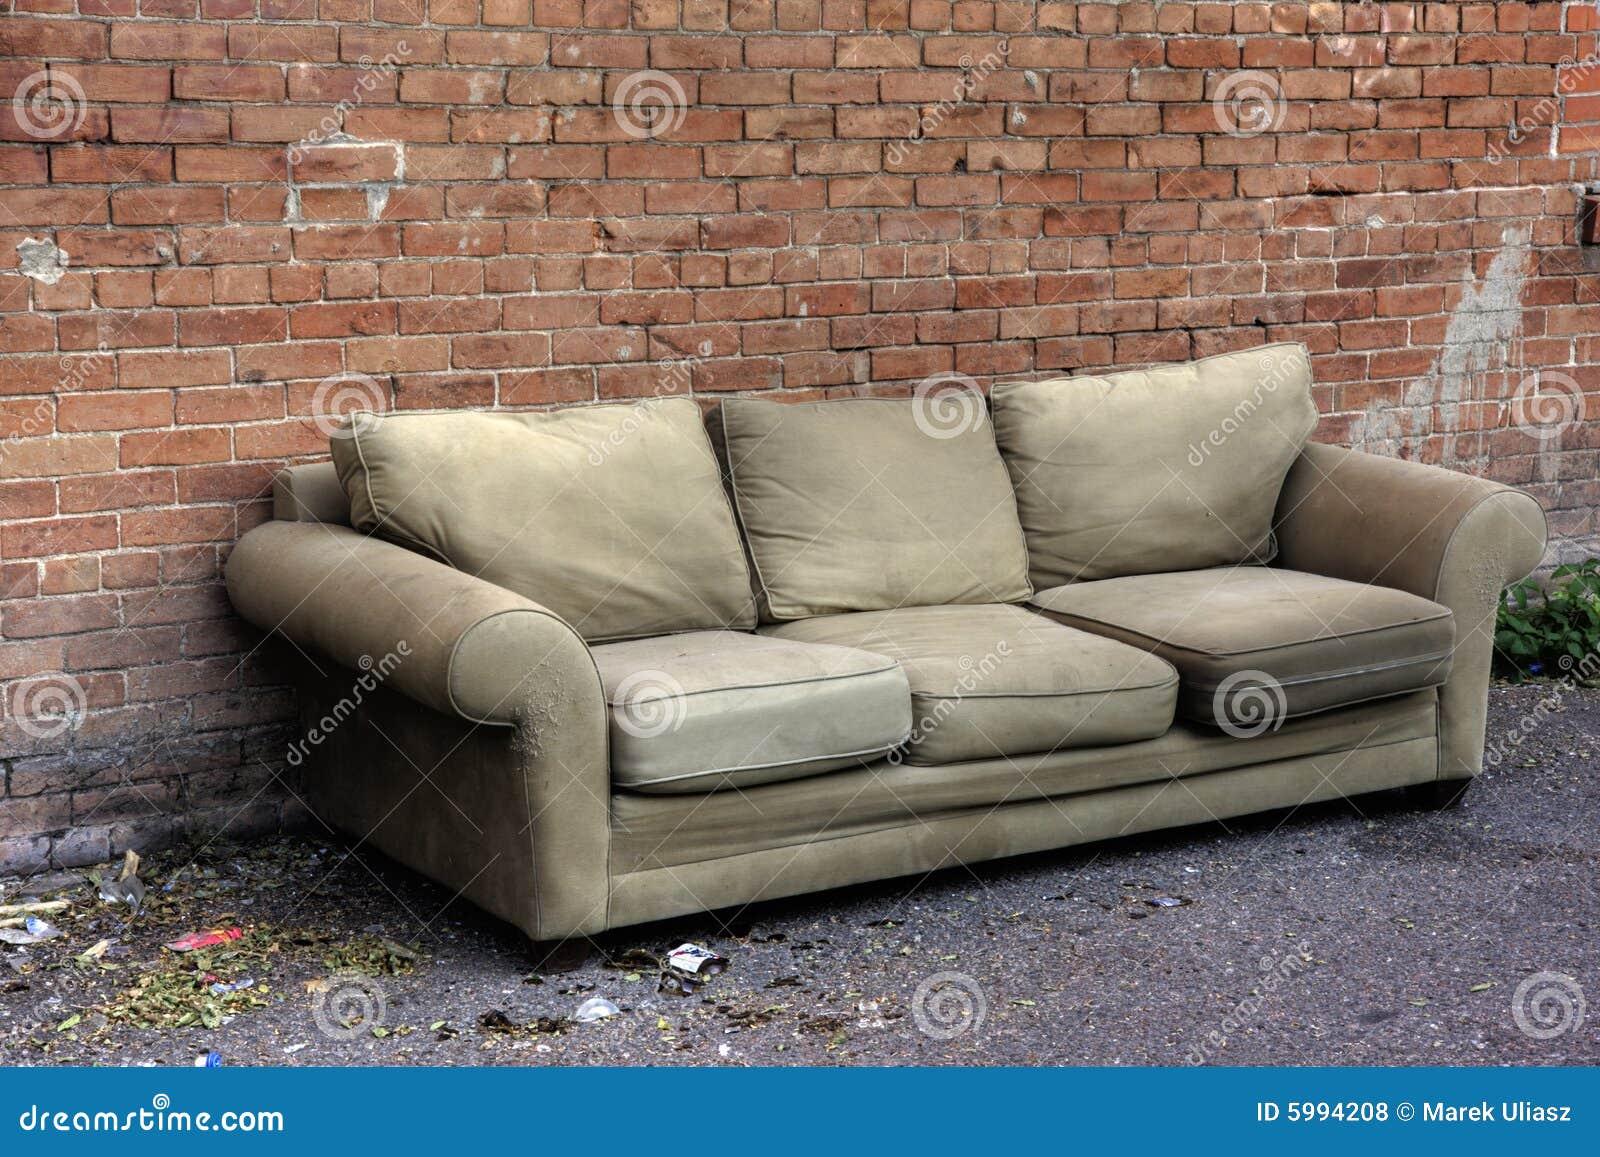 altes sofa verworfen in eine gasse stockfoto bild 5994208. Black Bedroom Furniture Sets. Home Design Ideas